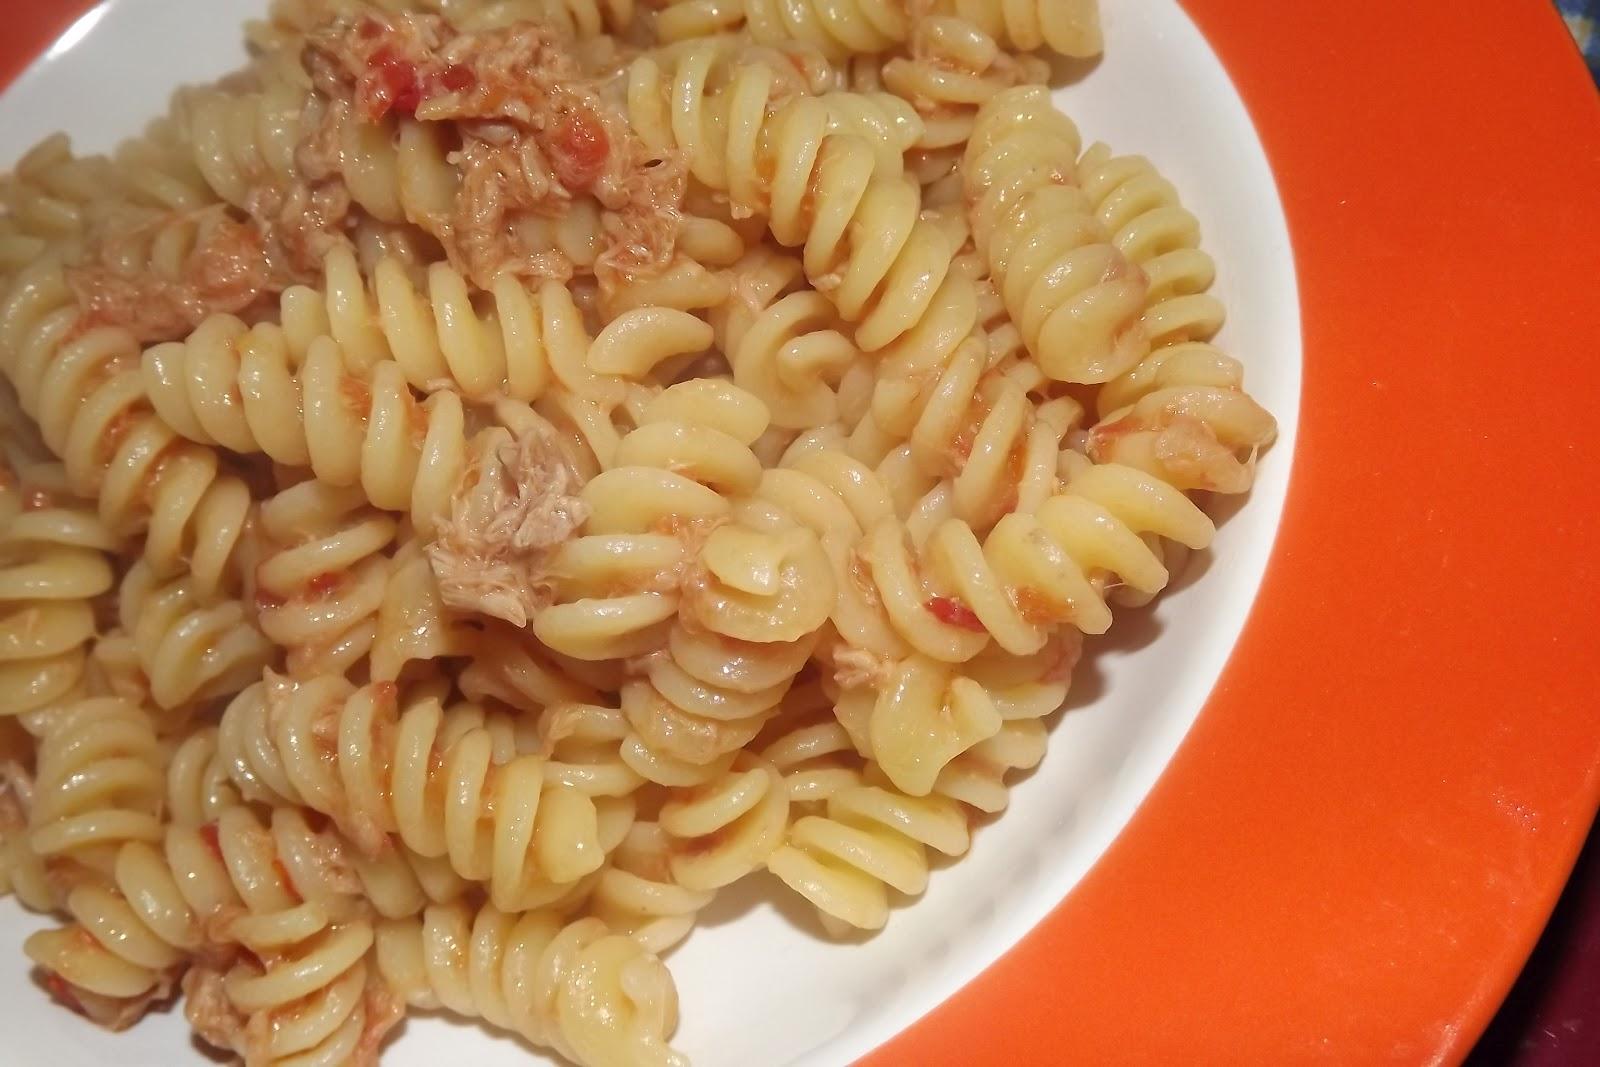 Schnelle Italienische Küche | Italienische Kuche Pasta Mit Thunfisch Und Tomaten Pasta Tonno E